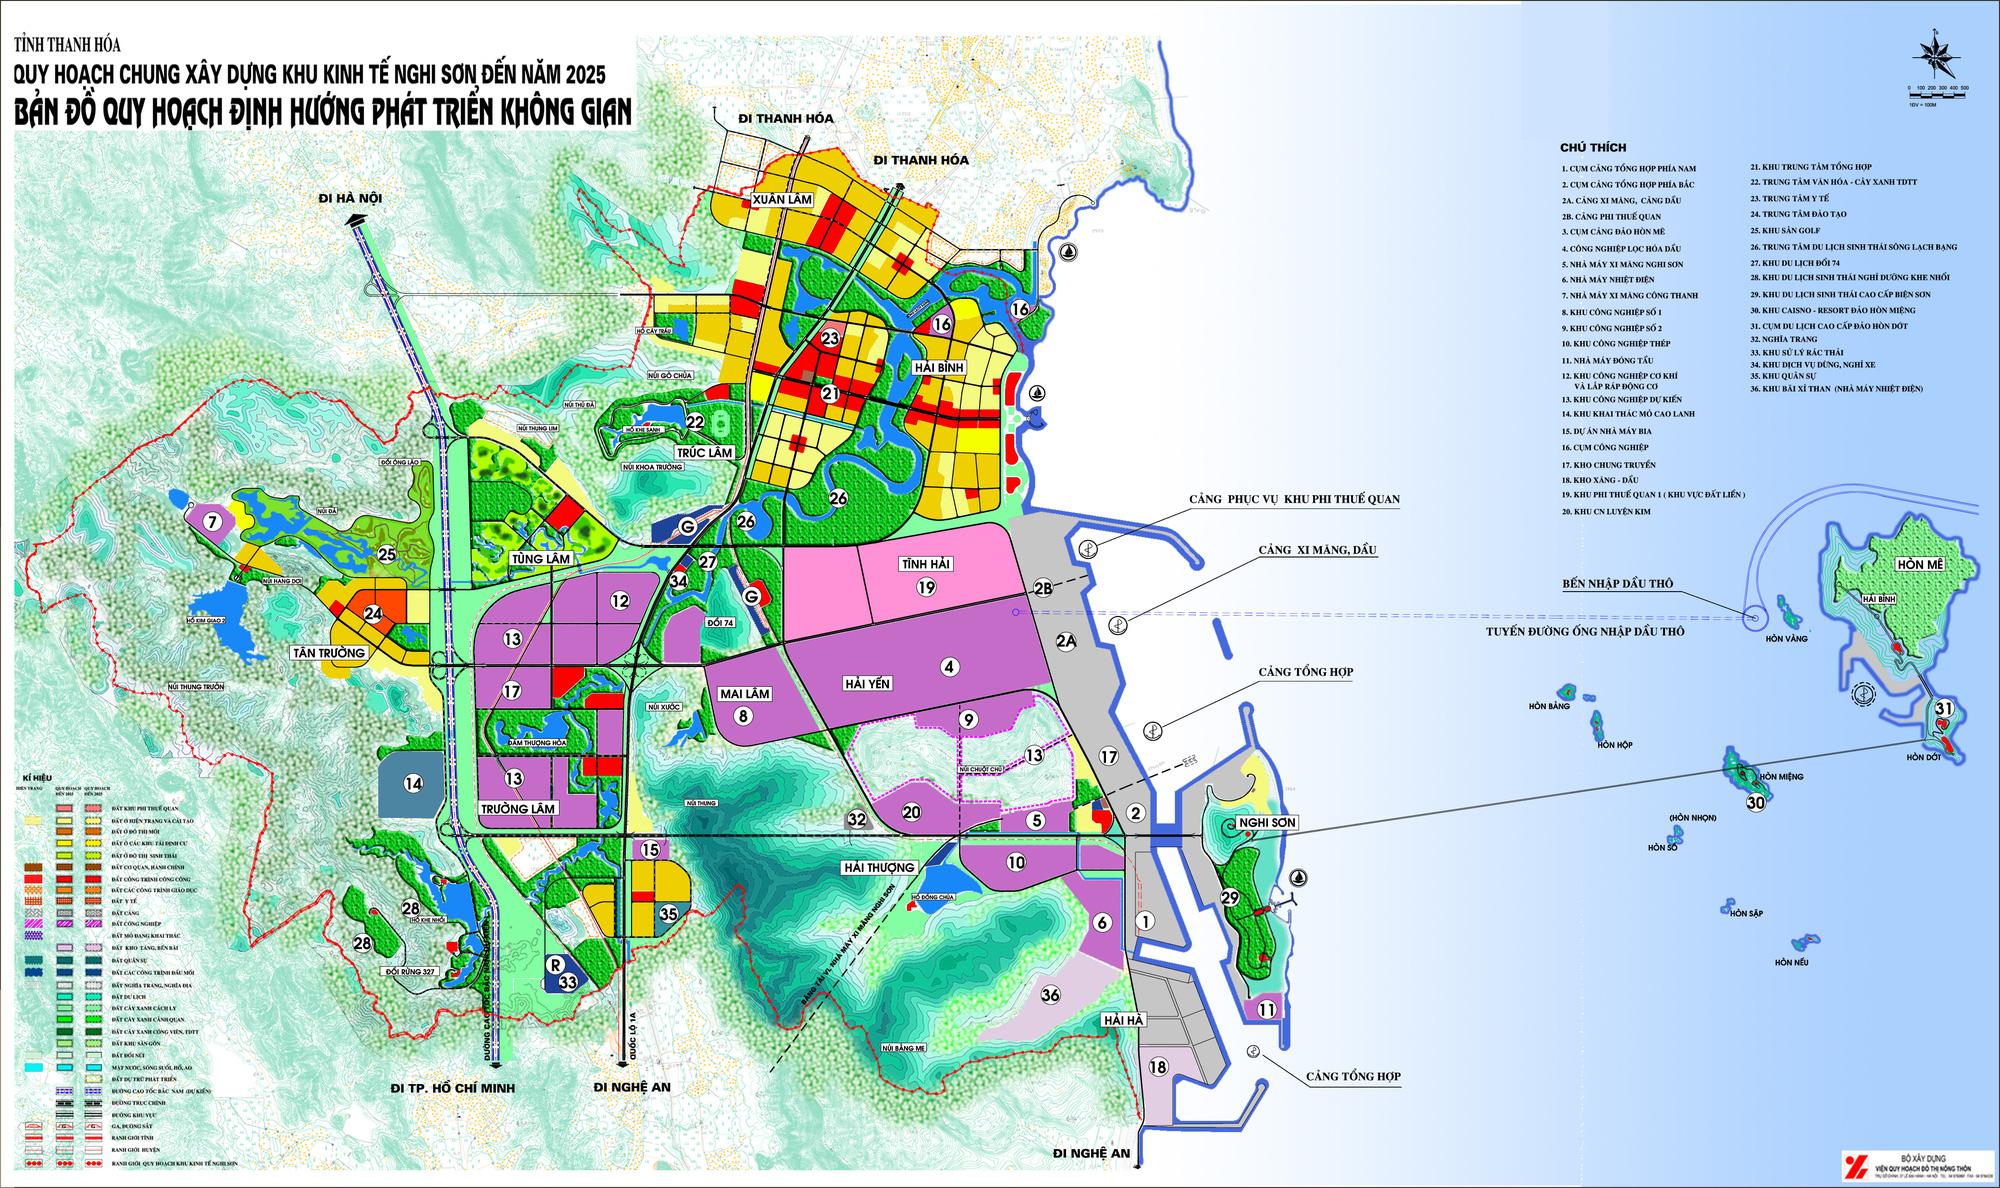 Thanh Hóa điều chỉnh quy hoạch khu tái định cư 11,5 ha trong KKT Nghi Sơn - Ảnh 2.